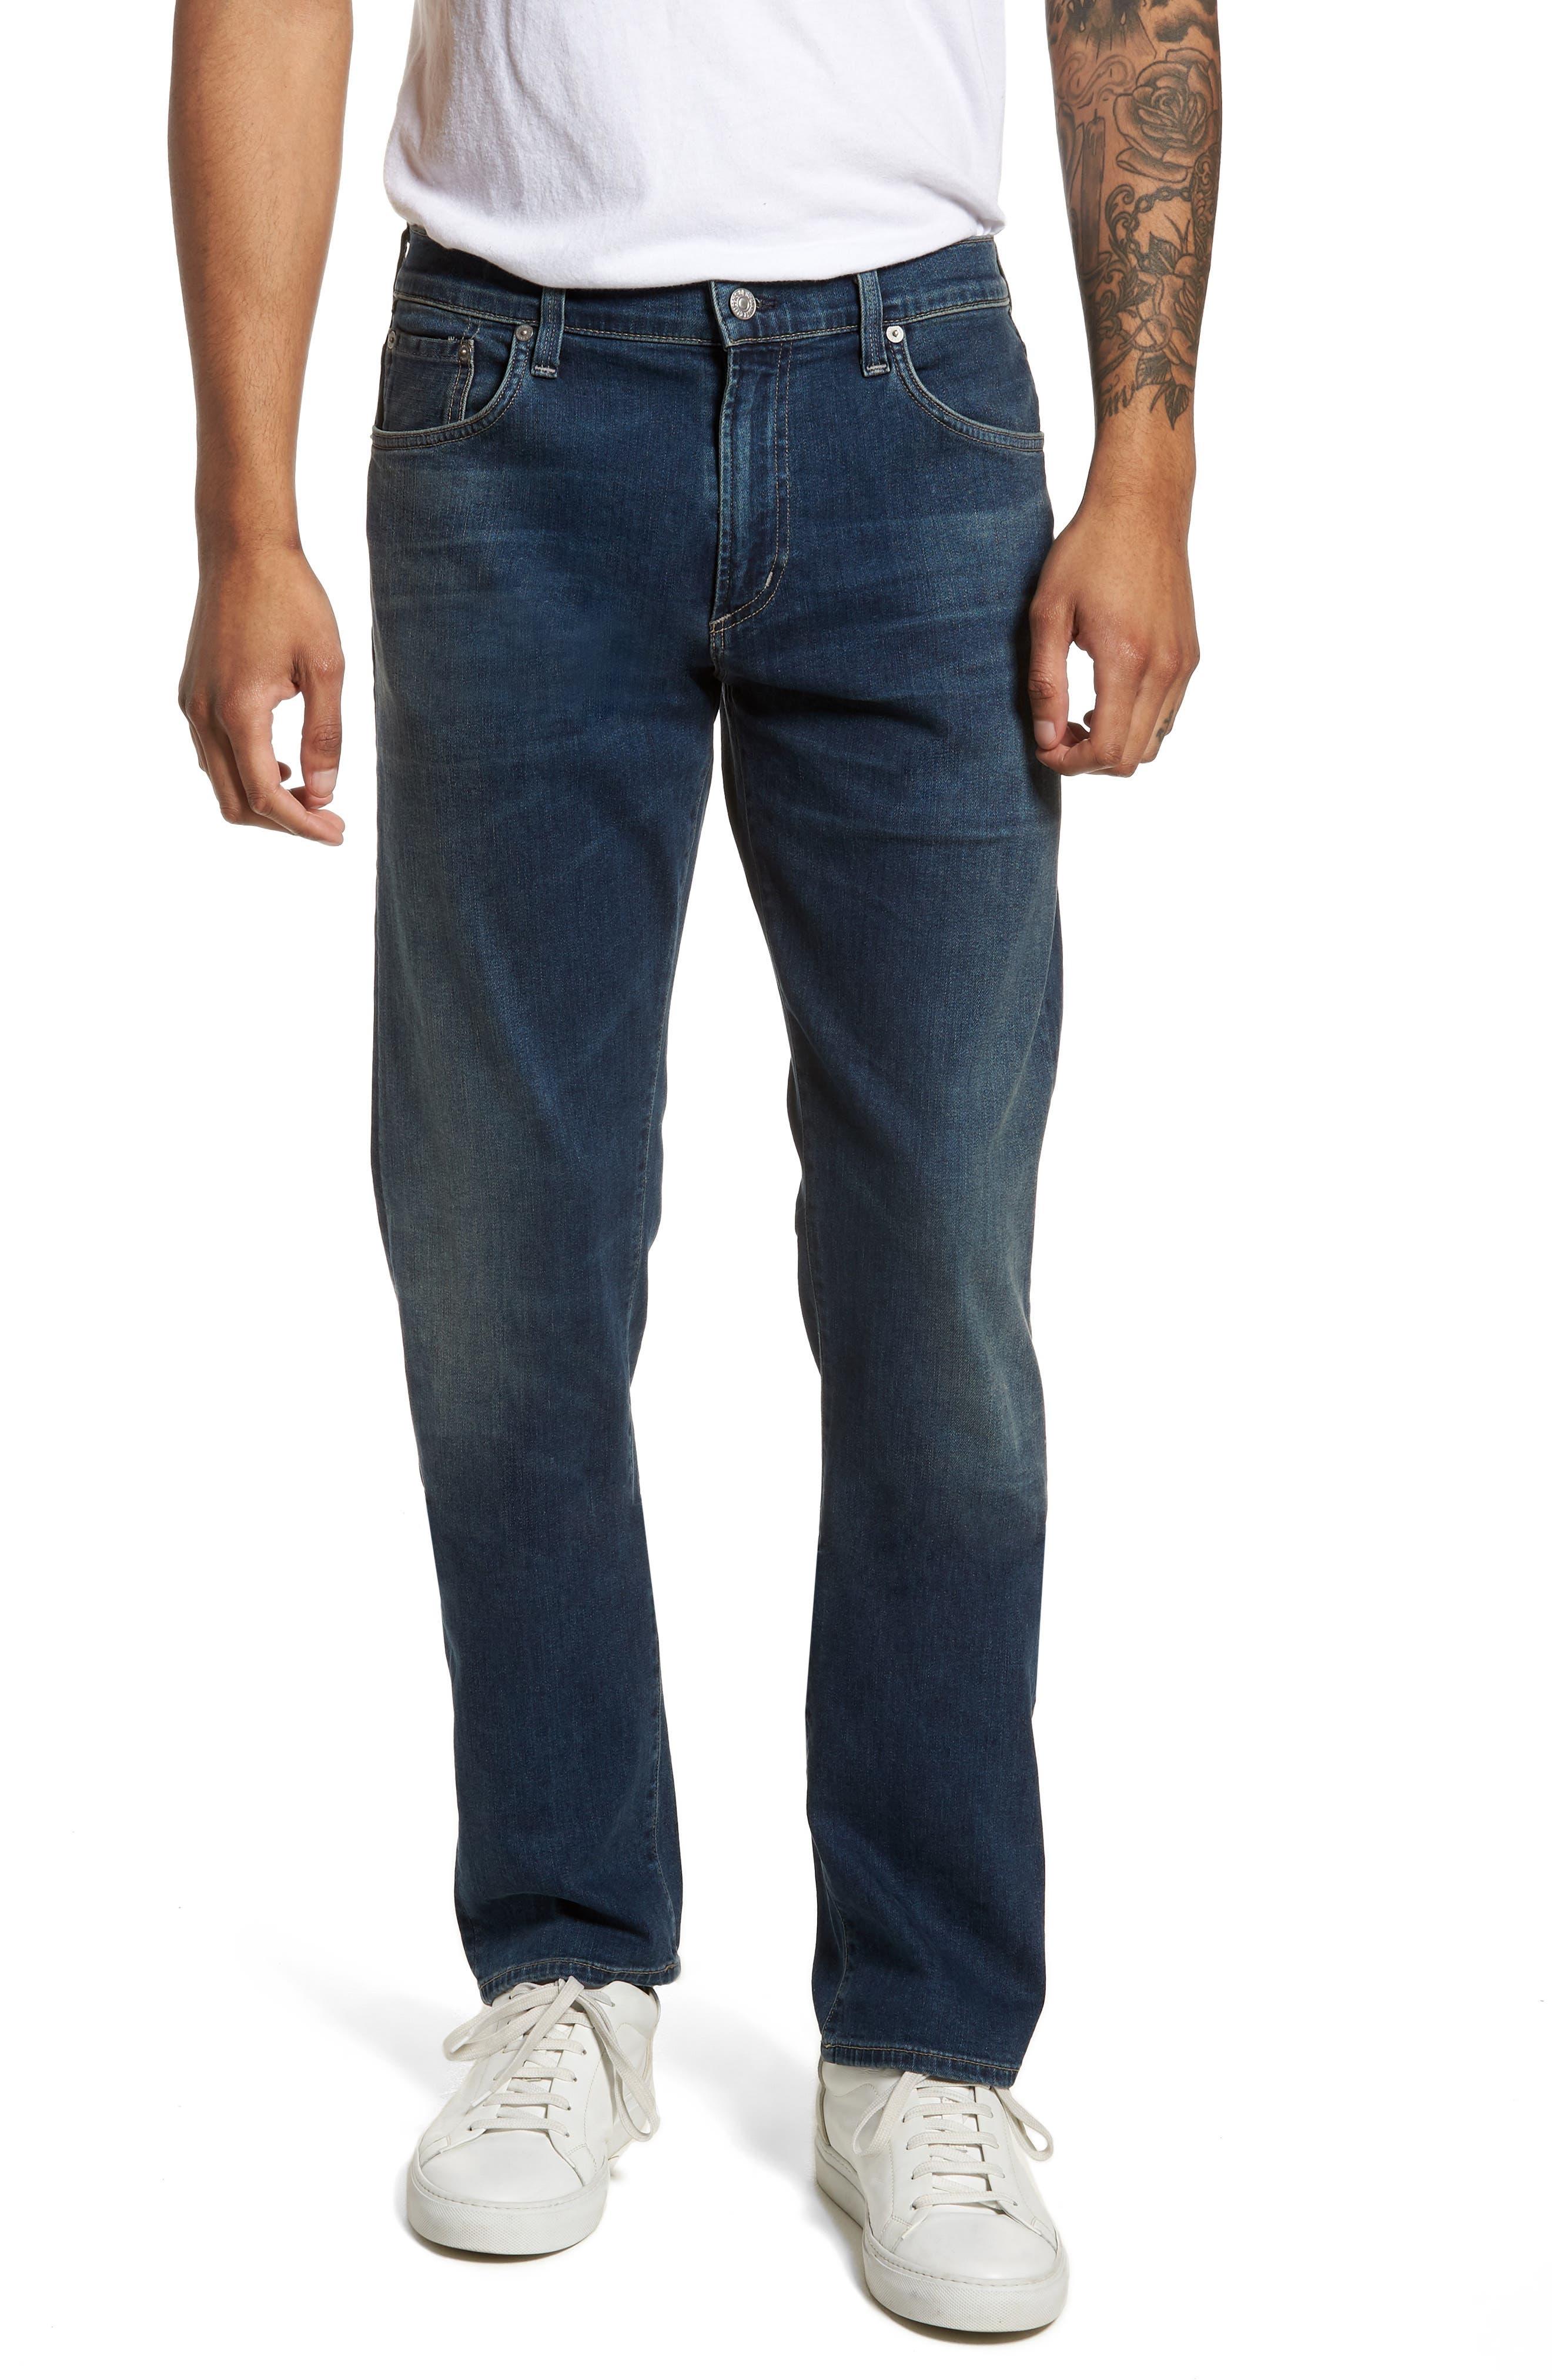 Core Slim Fit Jeans,                             Main thumbnail 1, color,                             Unison